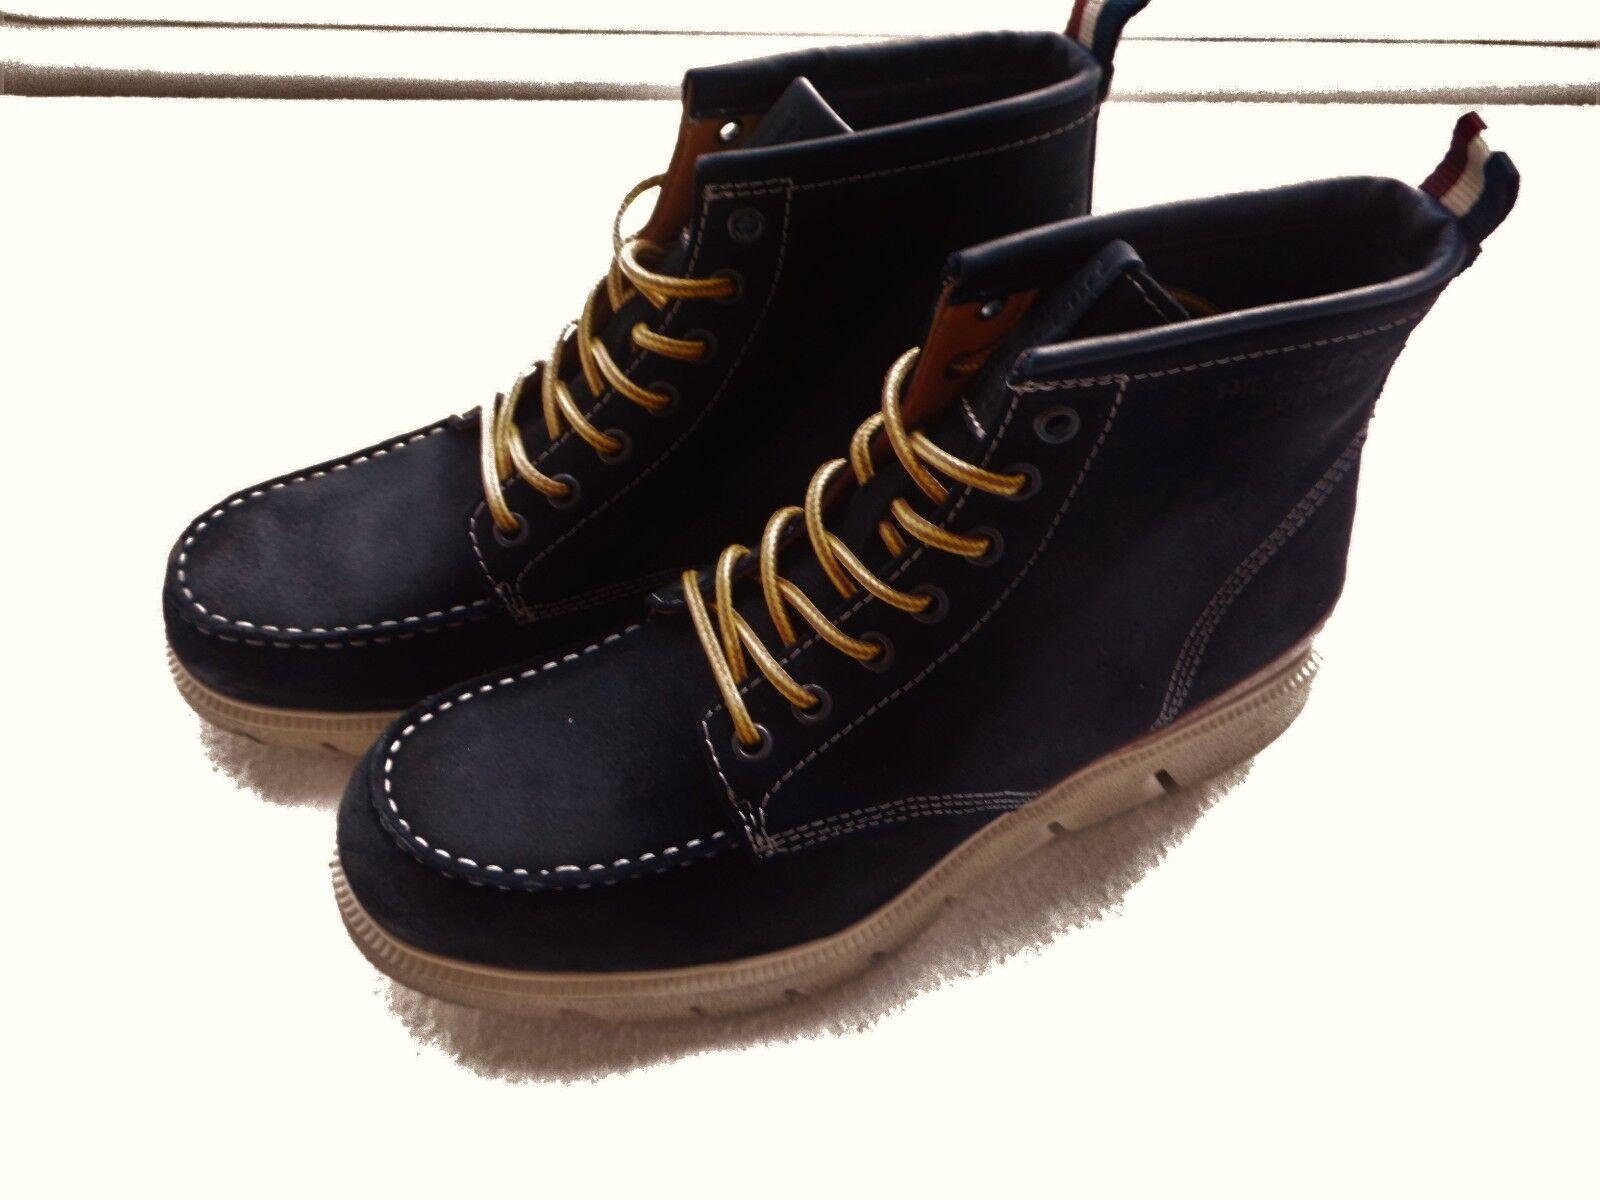 Tommy Hilfiger Wildleder Business-Schuhe Gr.42 Boots Gr.42 Business-Schuhe NEU! a14d1e